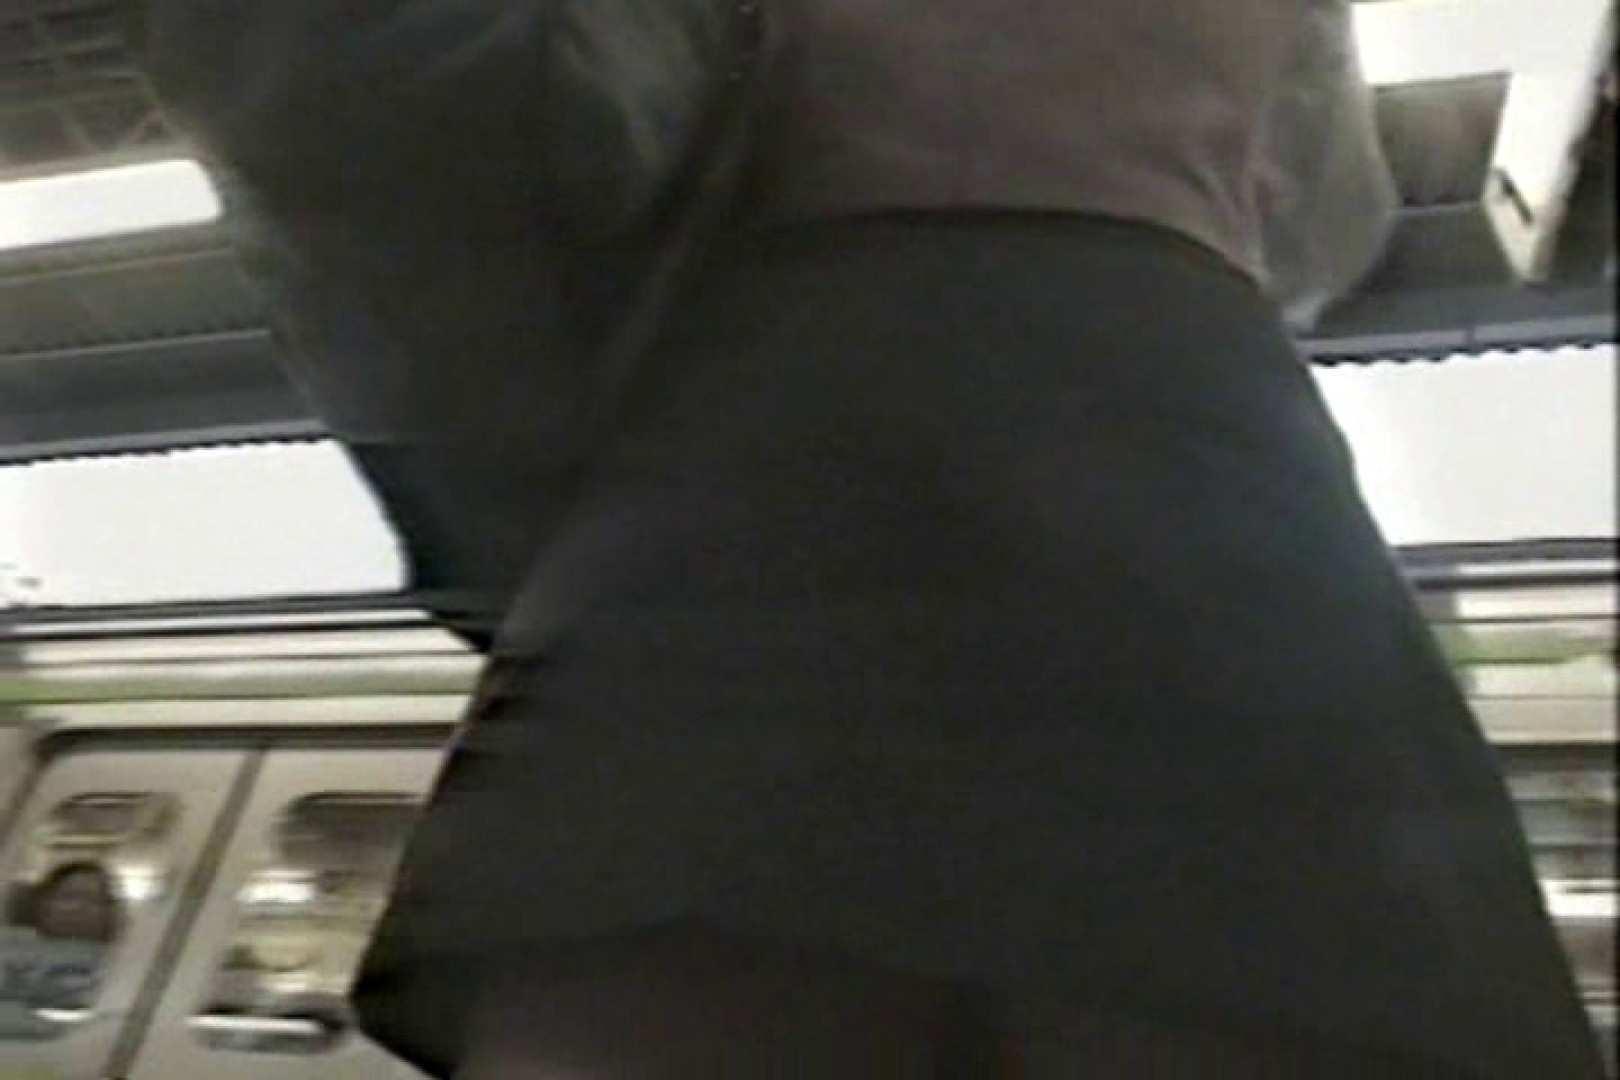 投稿盗撮 新ミニスカ覗きのパンツコレクション TK-103 覗き放題 のぞきエロ無料画像 108画像 49